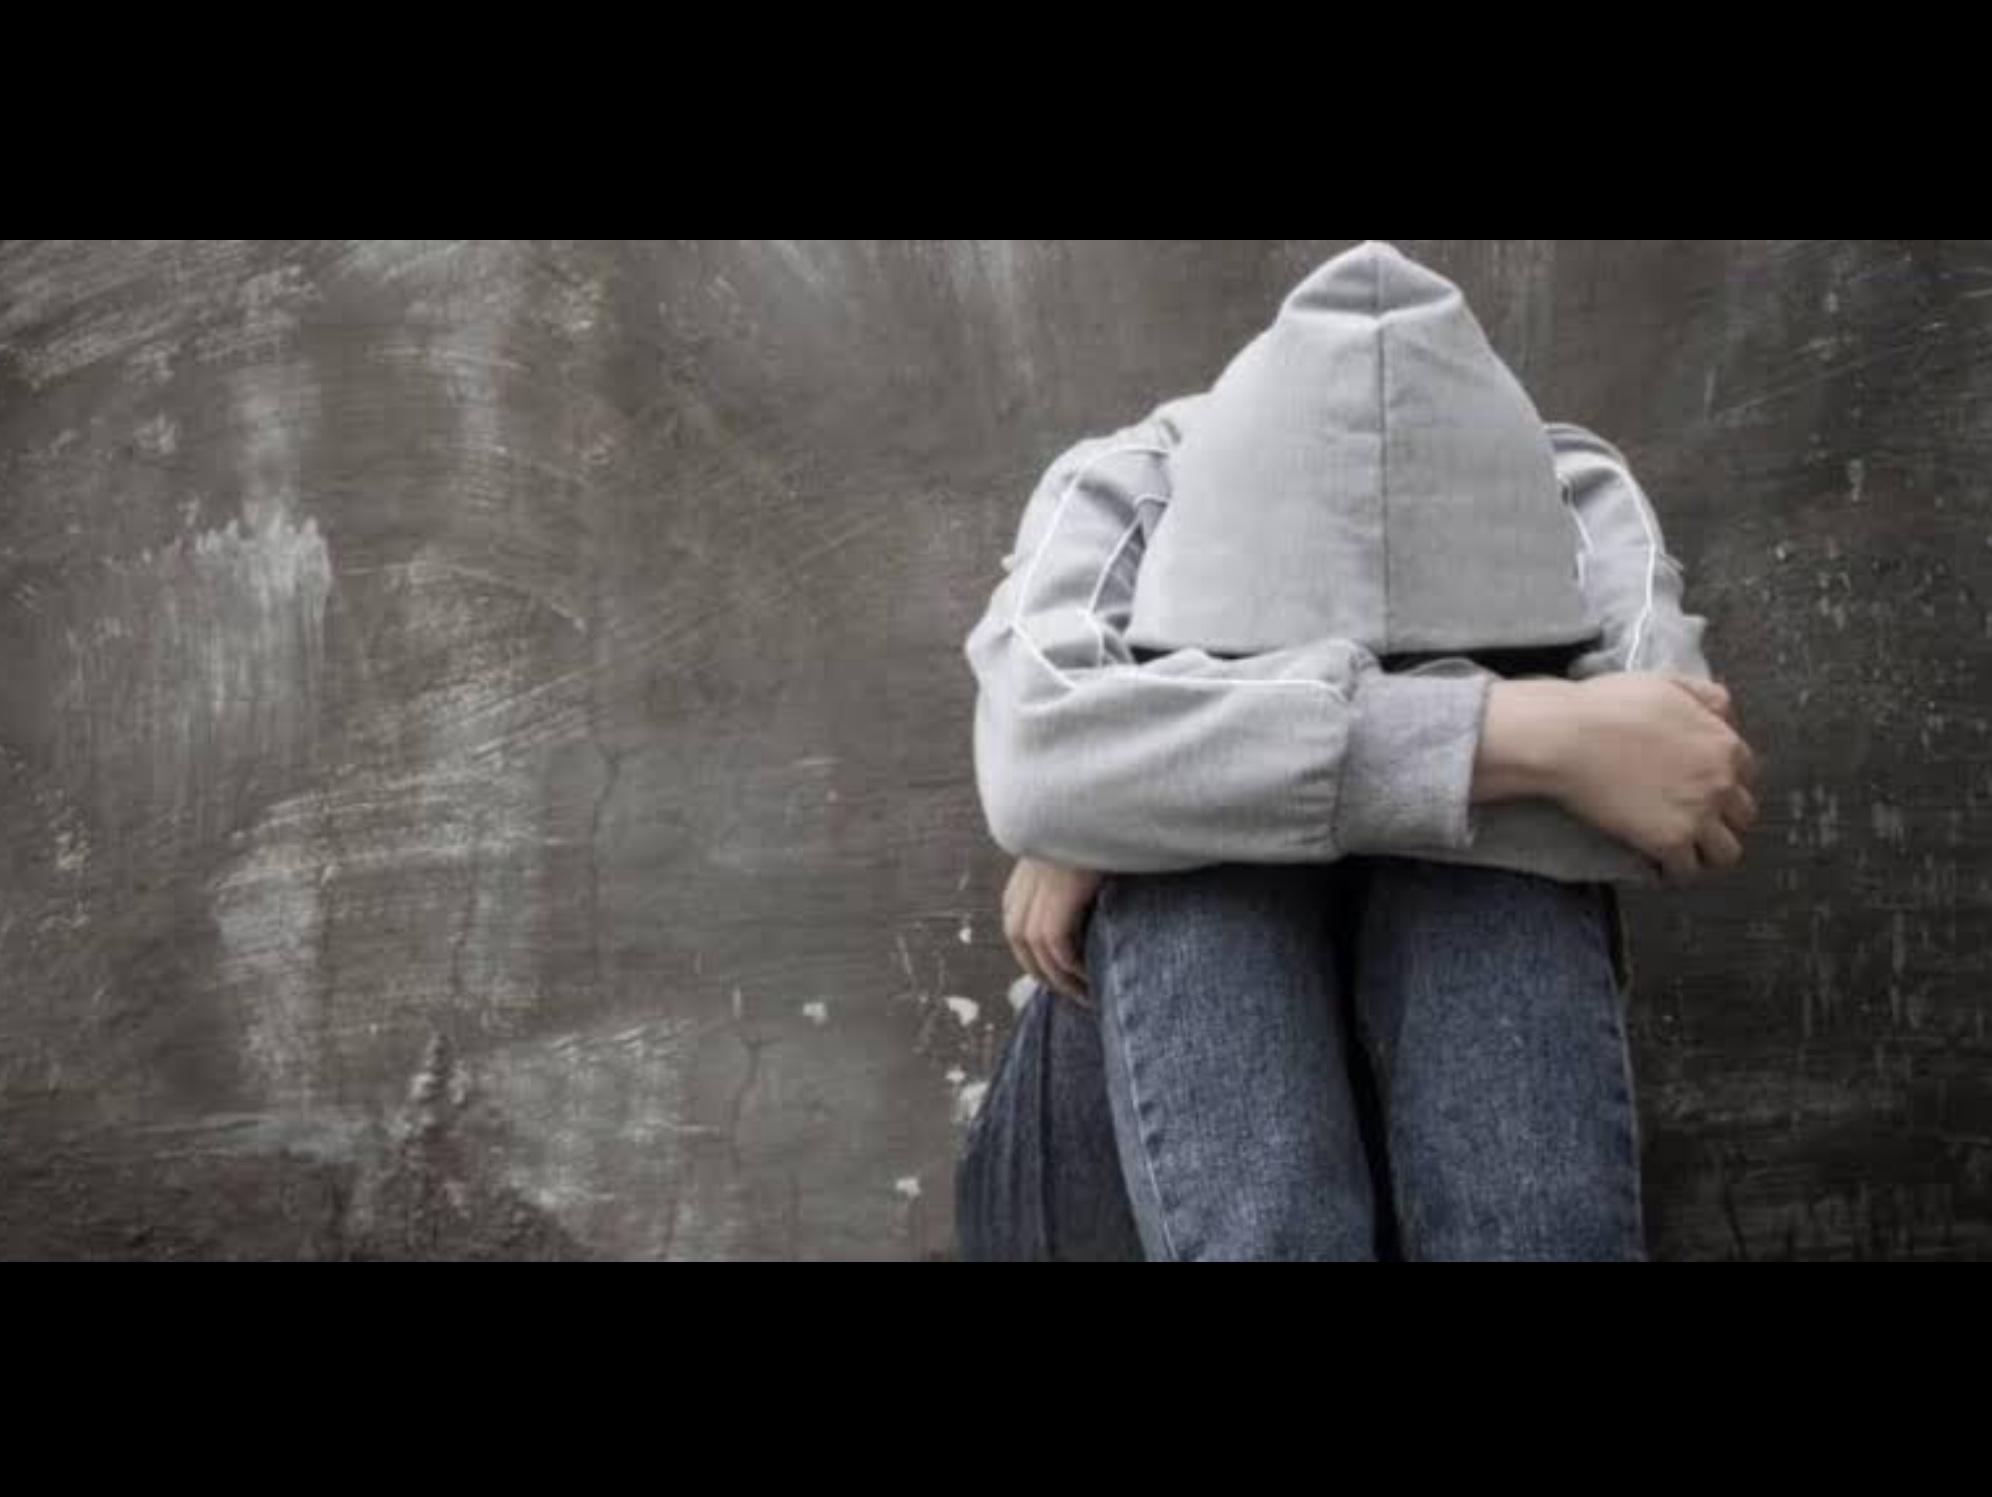 Depresión provoca aislamiento familiar, social, escolar y laboral